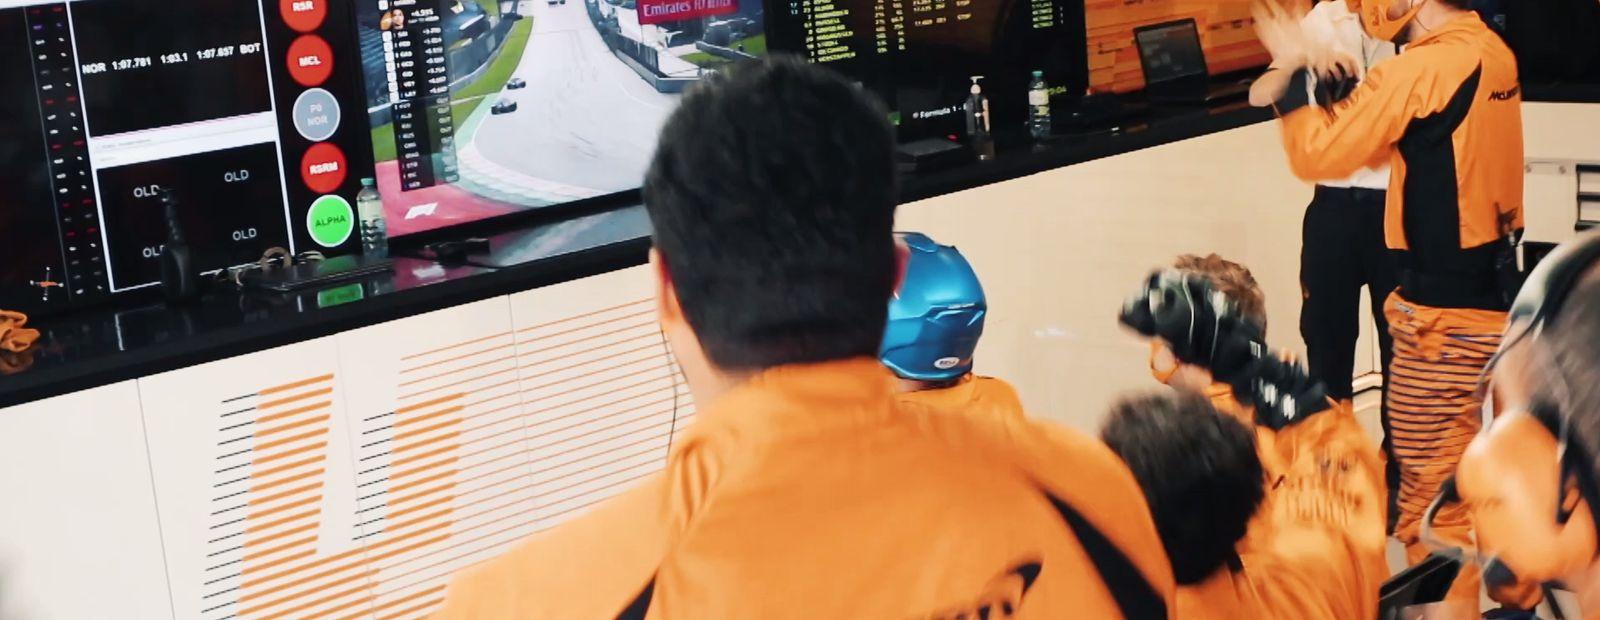 This is McLaren